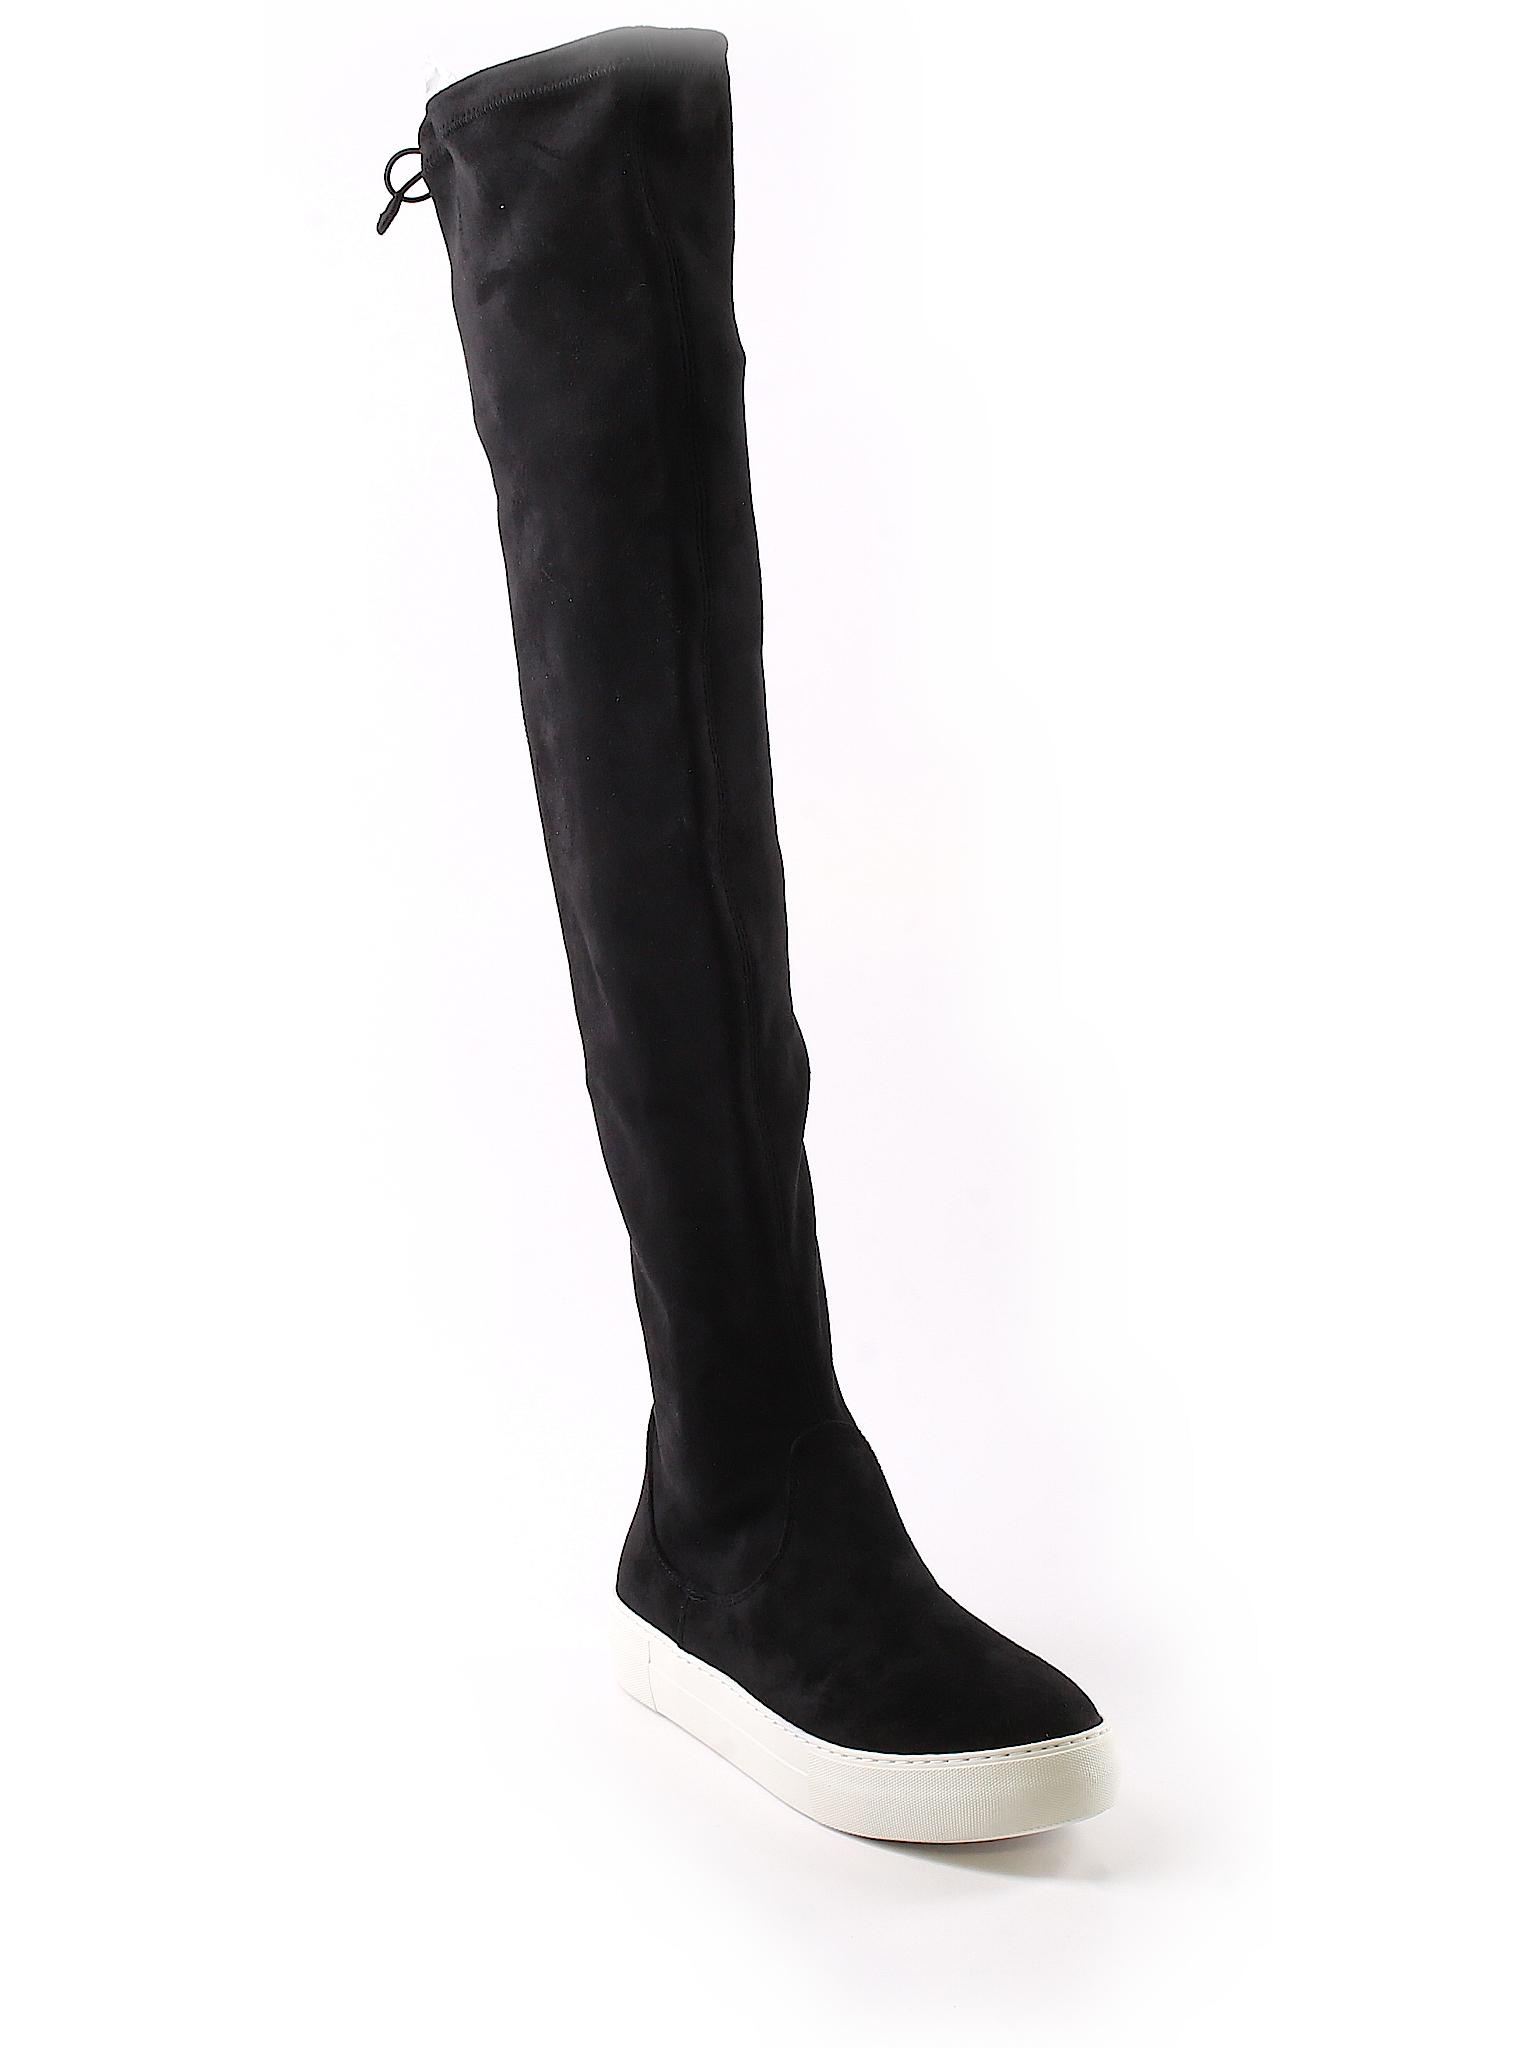 Boots Slides Boutique Boutique J promotion promotion xwz8ZqXC